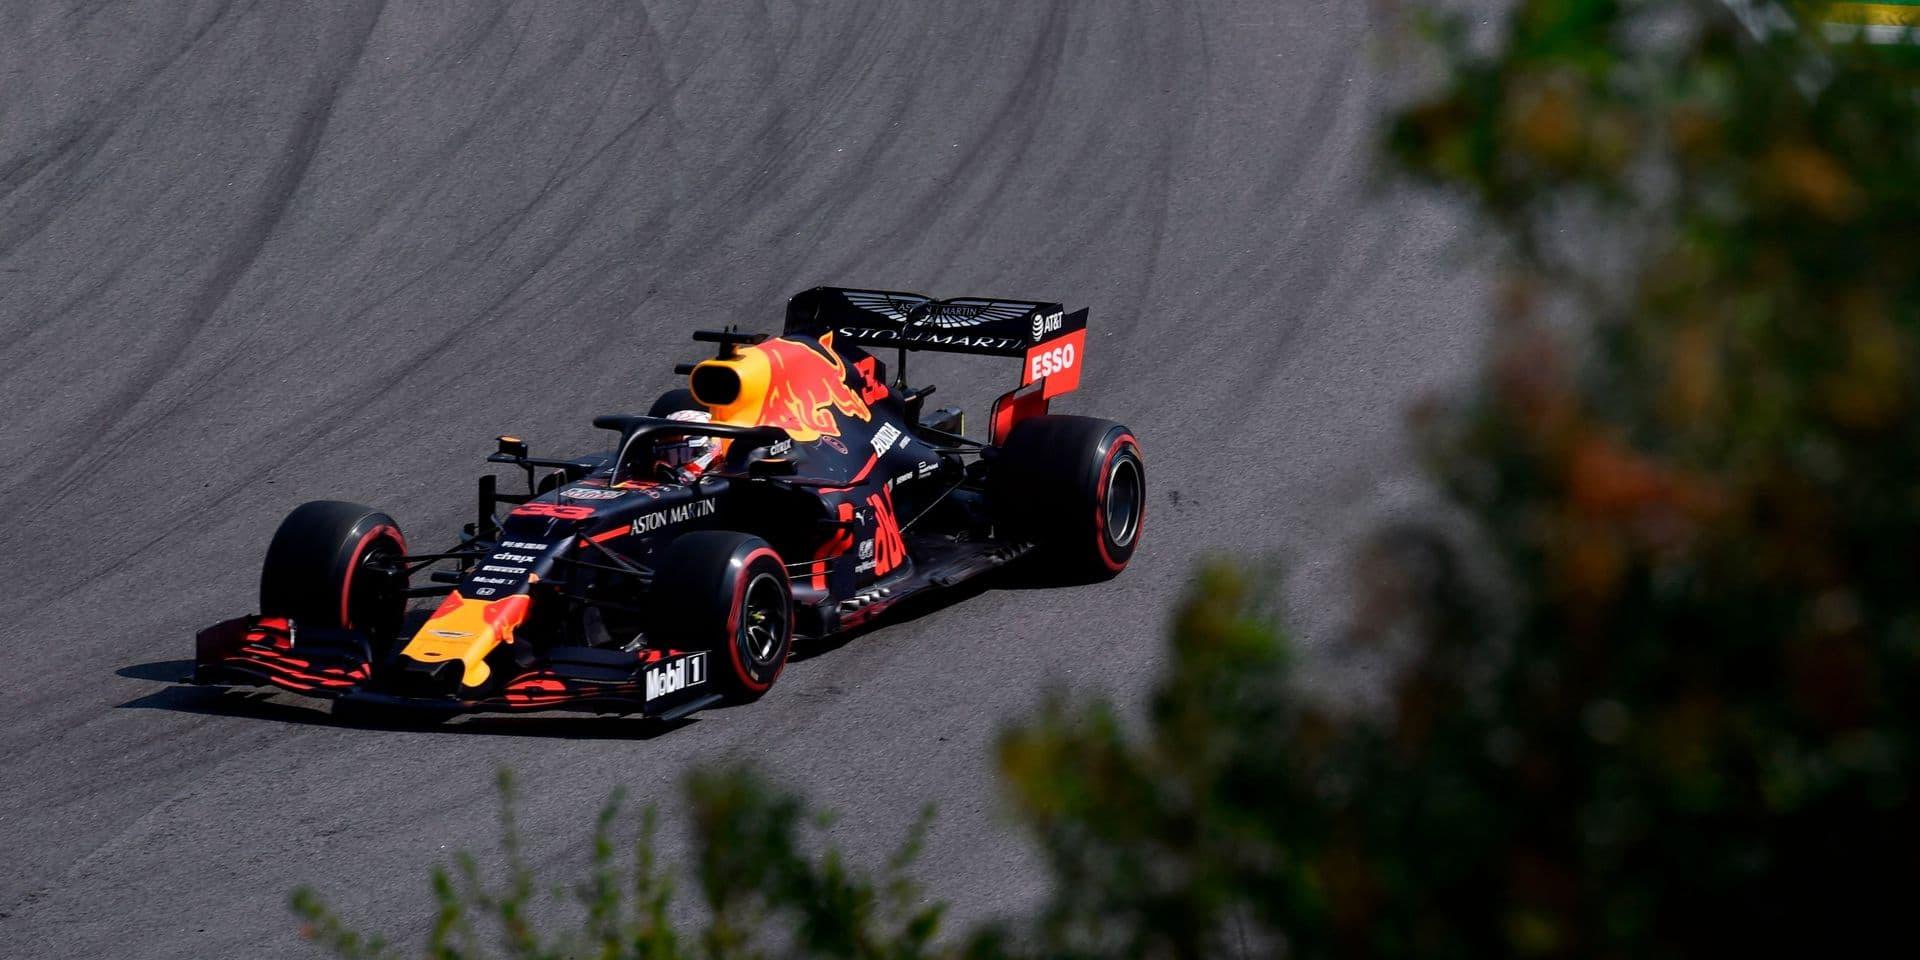 GP du Brésil: Max Verstappen vainqueur, Lewis Hamilton pénalisé après la course